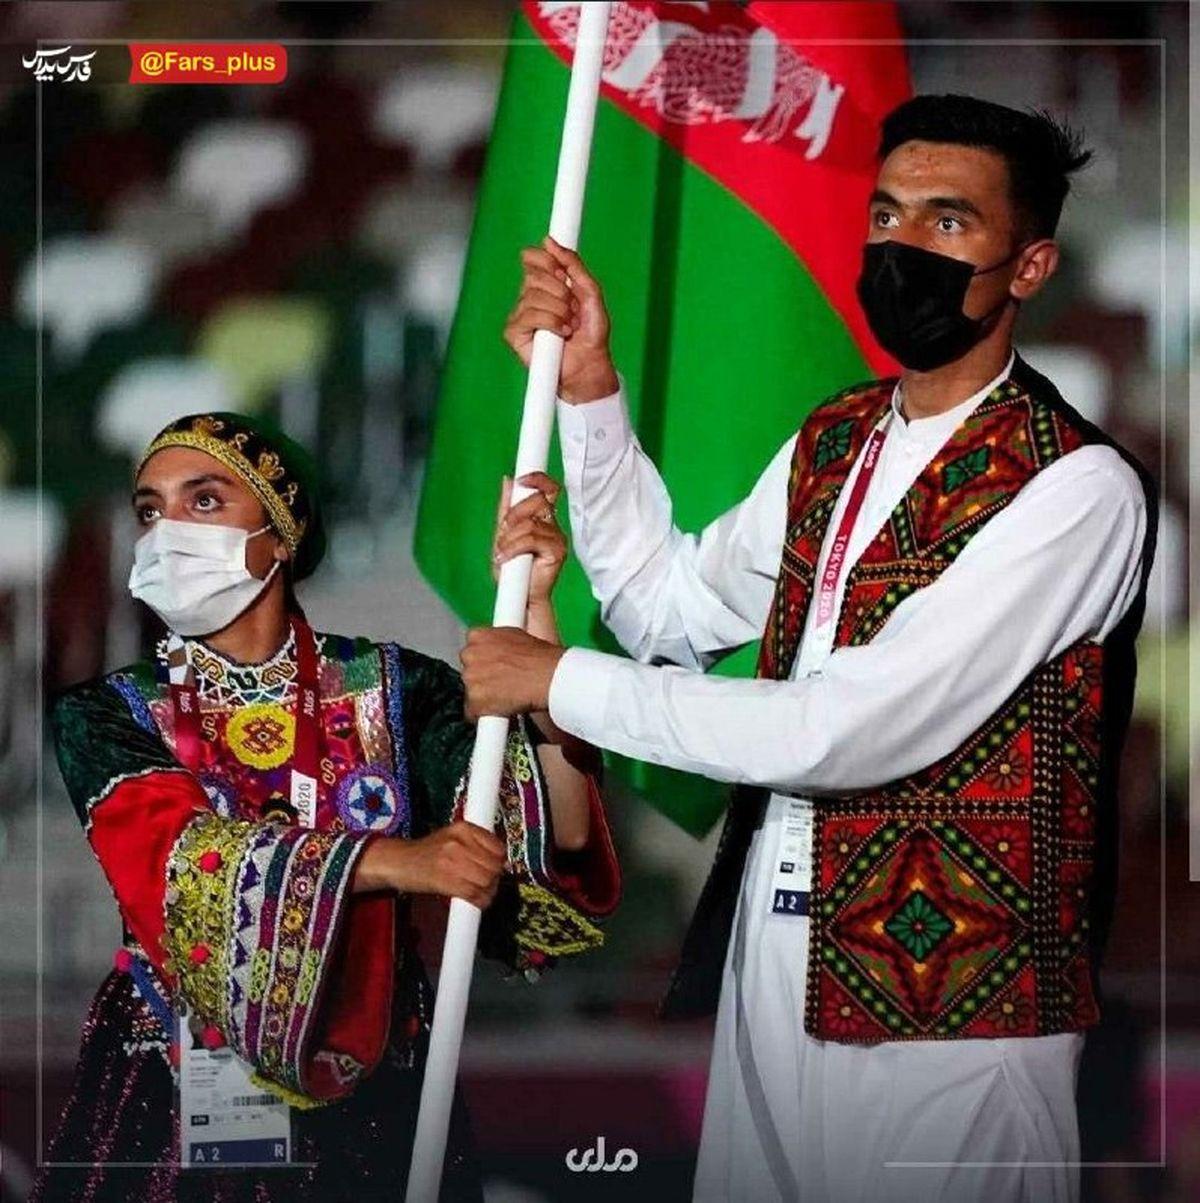 لباس زیبای ورزشکاران المپیکی افغانستان +عکس